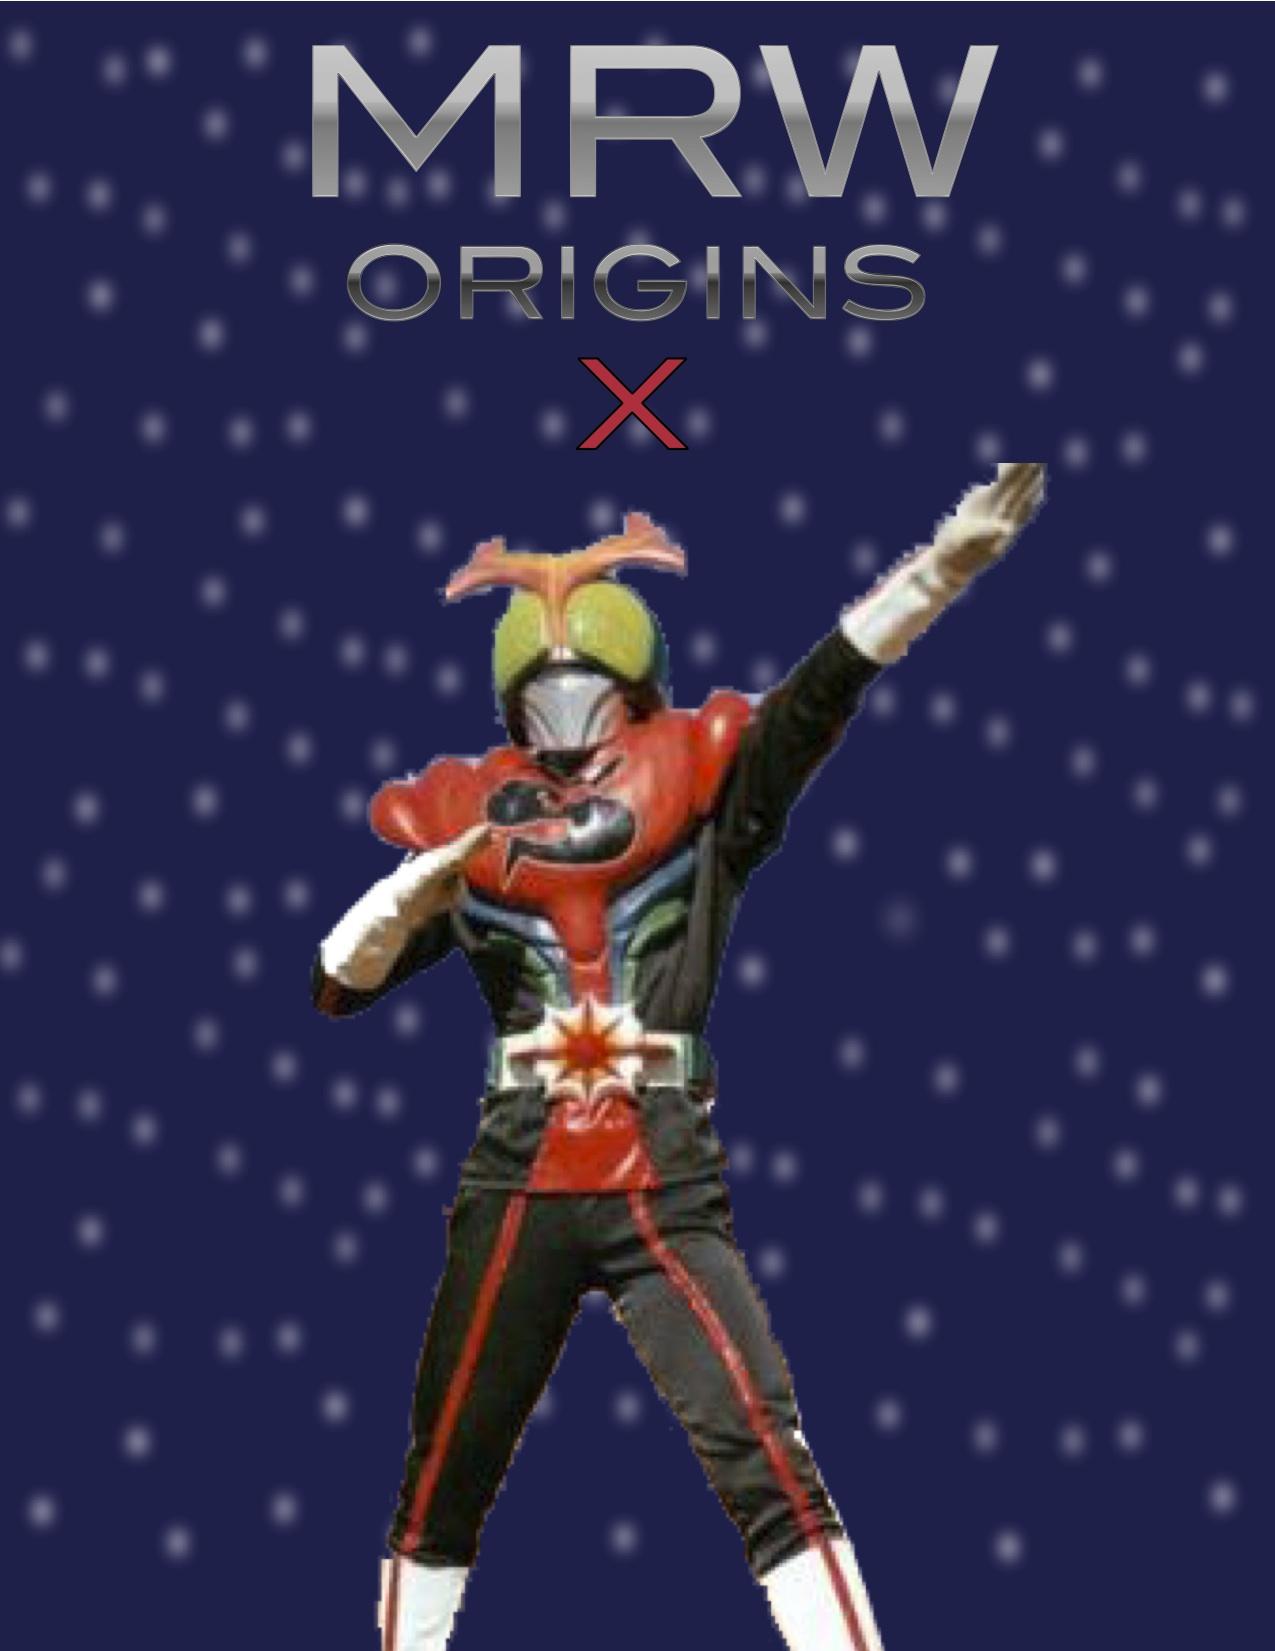 MRW Origins: X